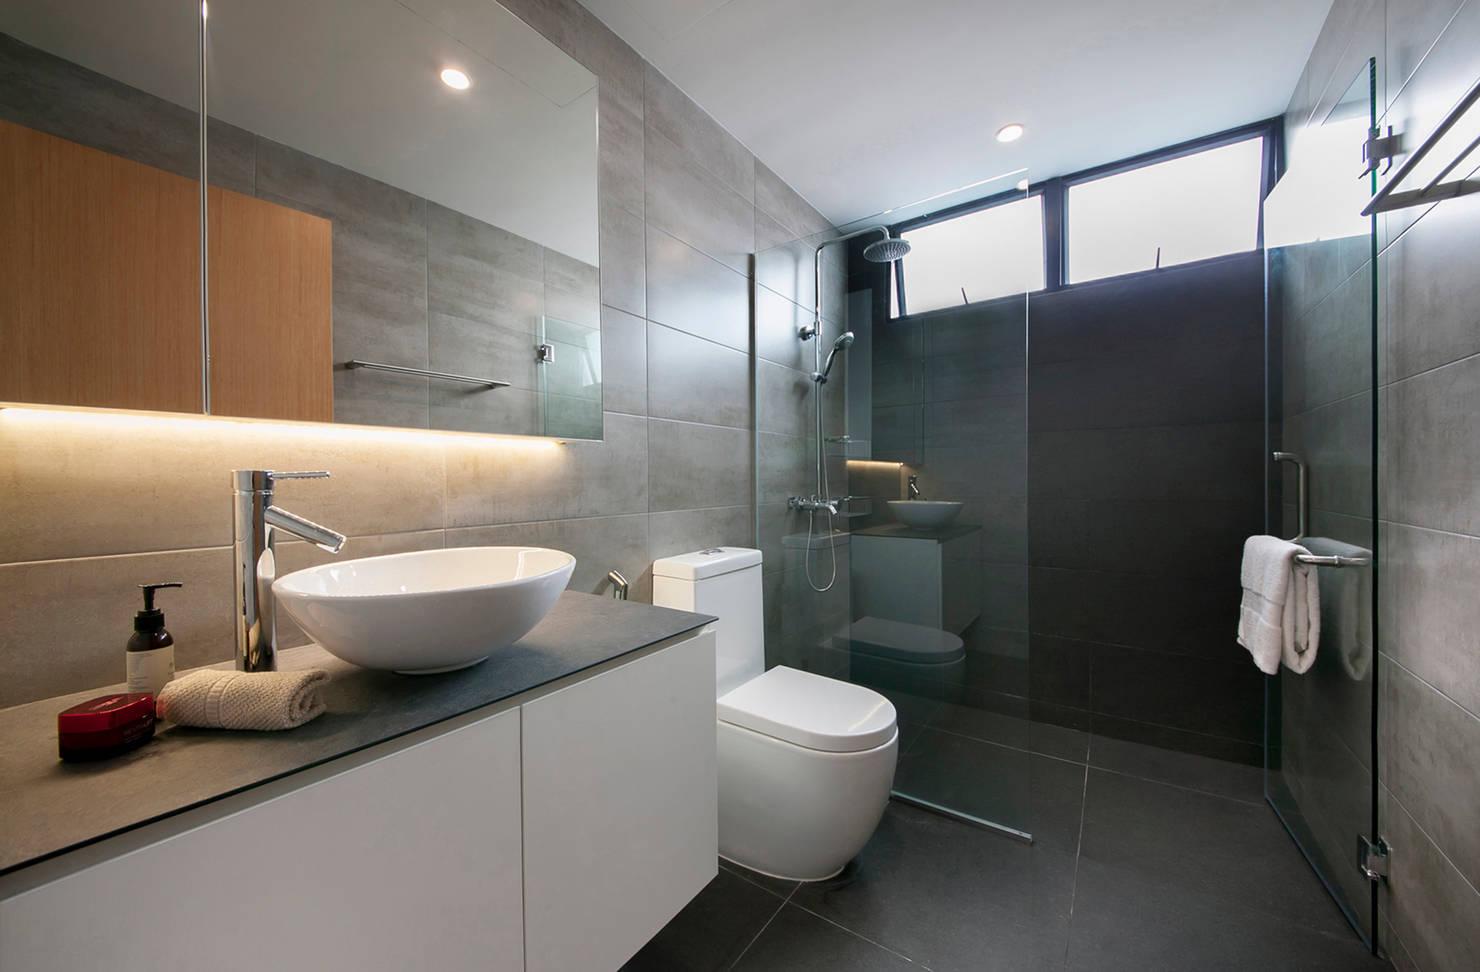 Easy Home Decor Tips For A Terrific Tiny Bathroom